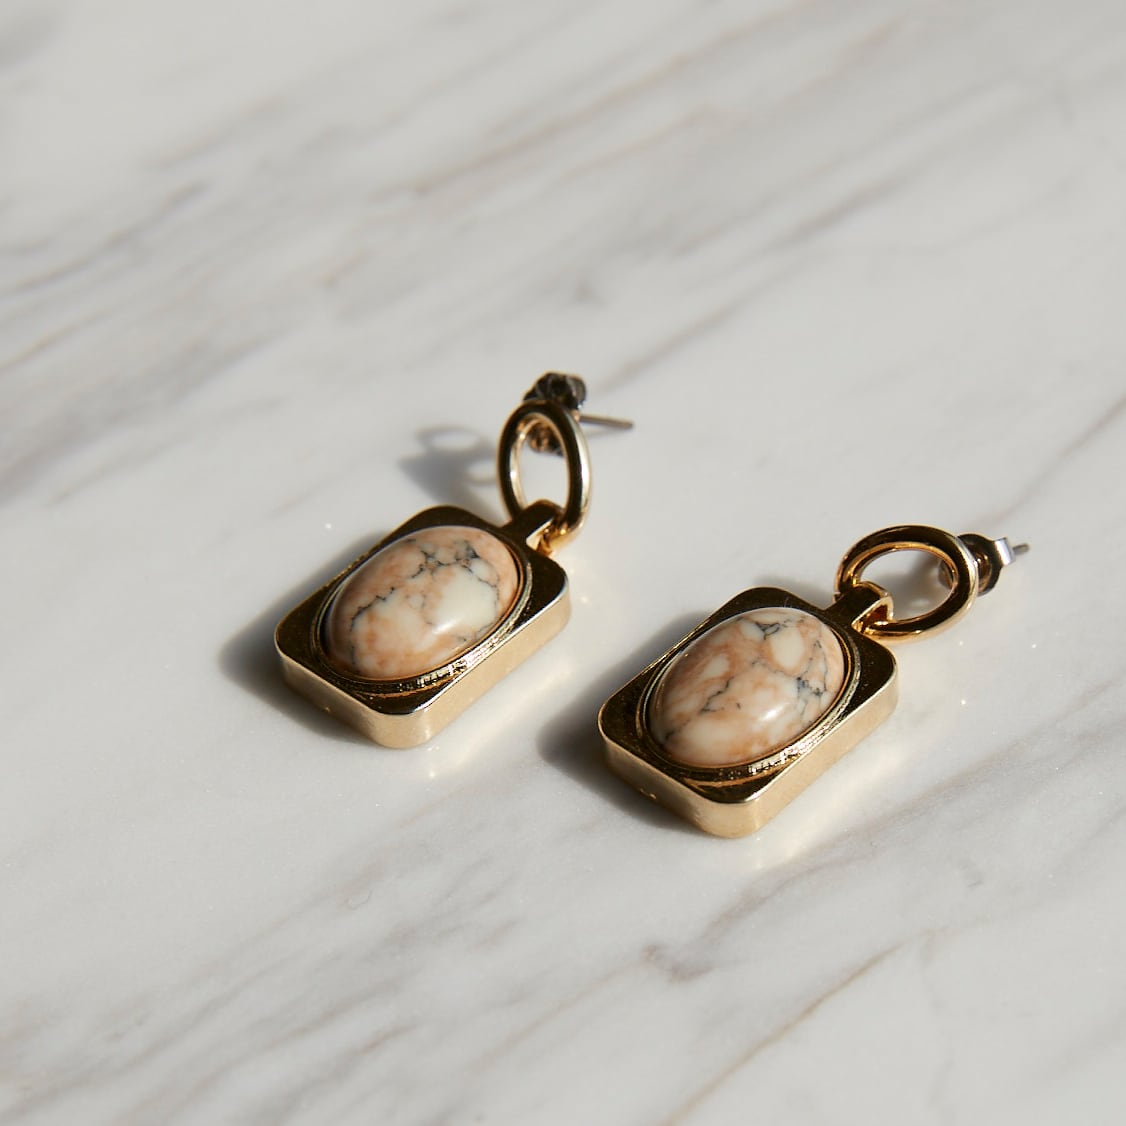 nim-6 Pierced earring